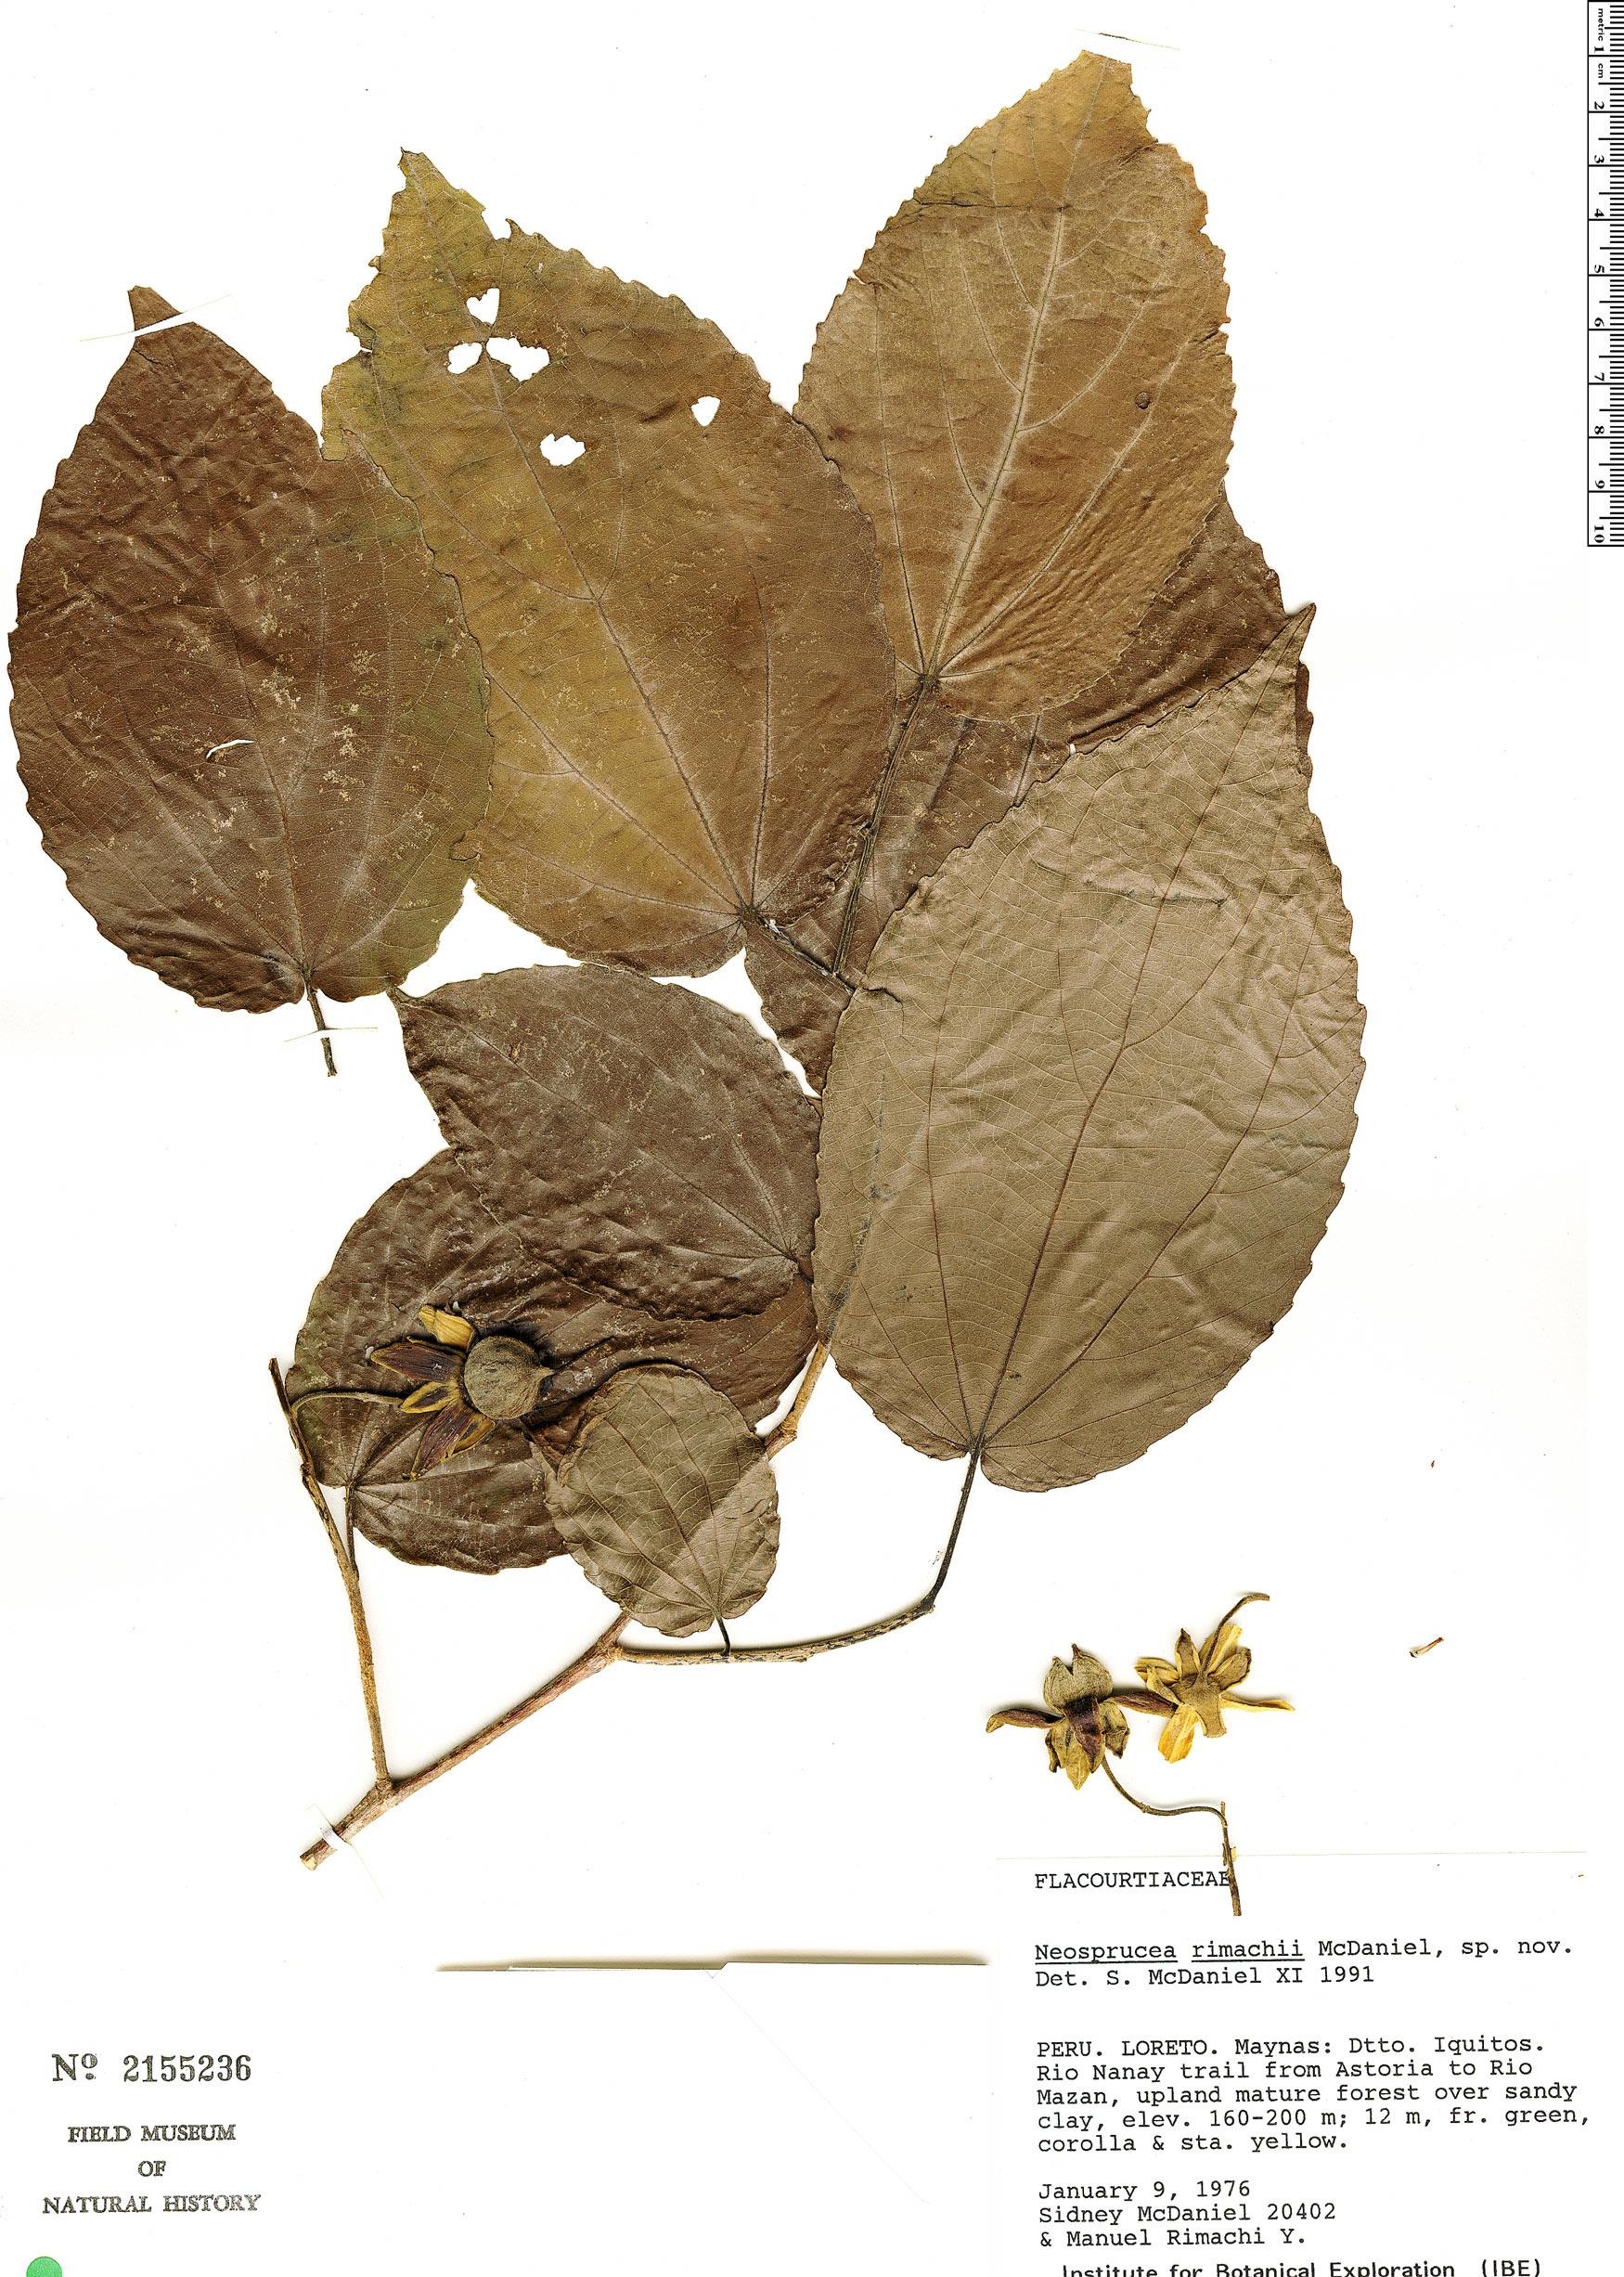 Specimen: Neosprucea rimachii